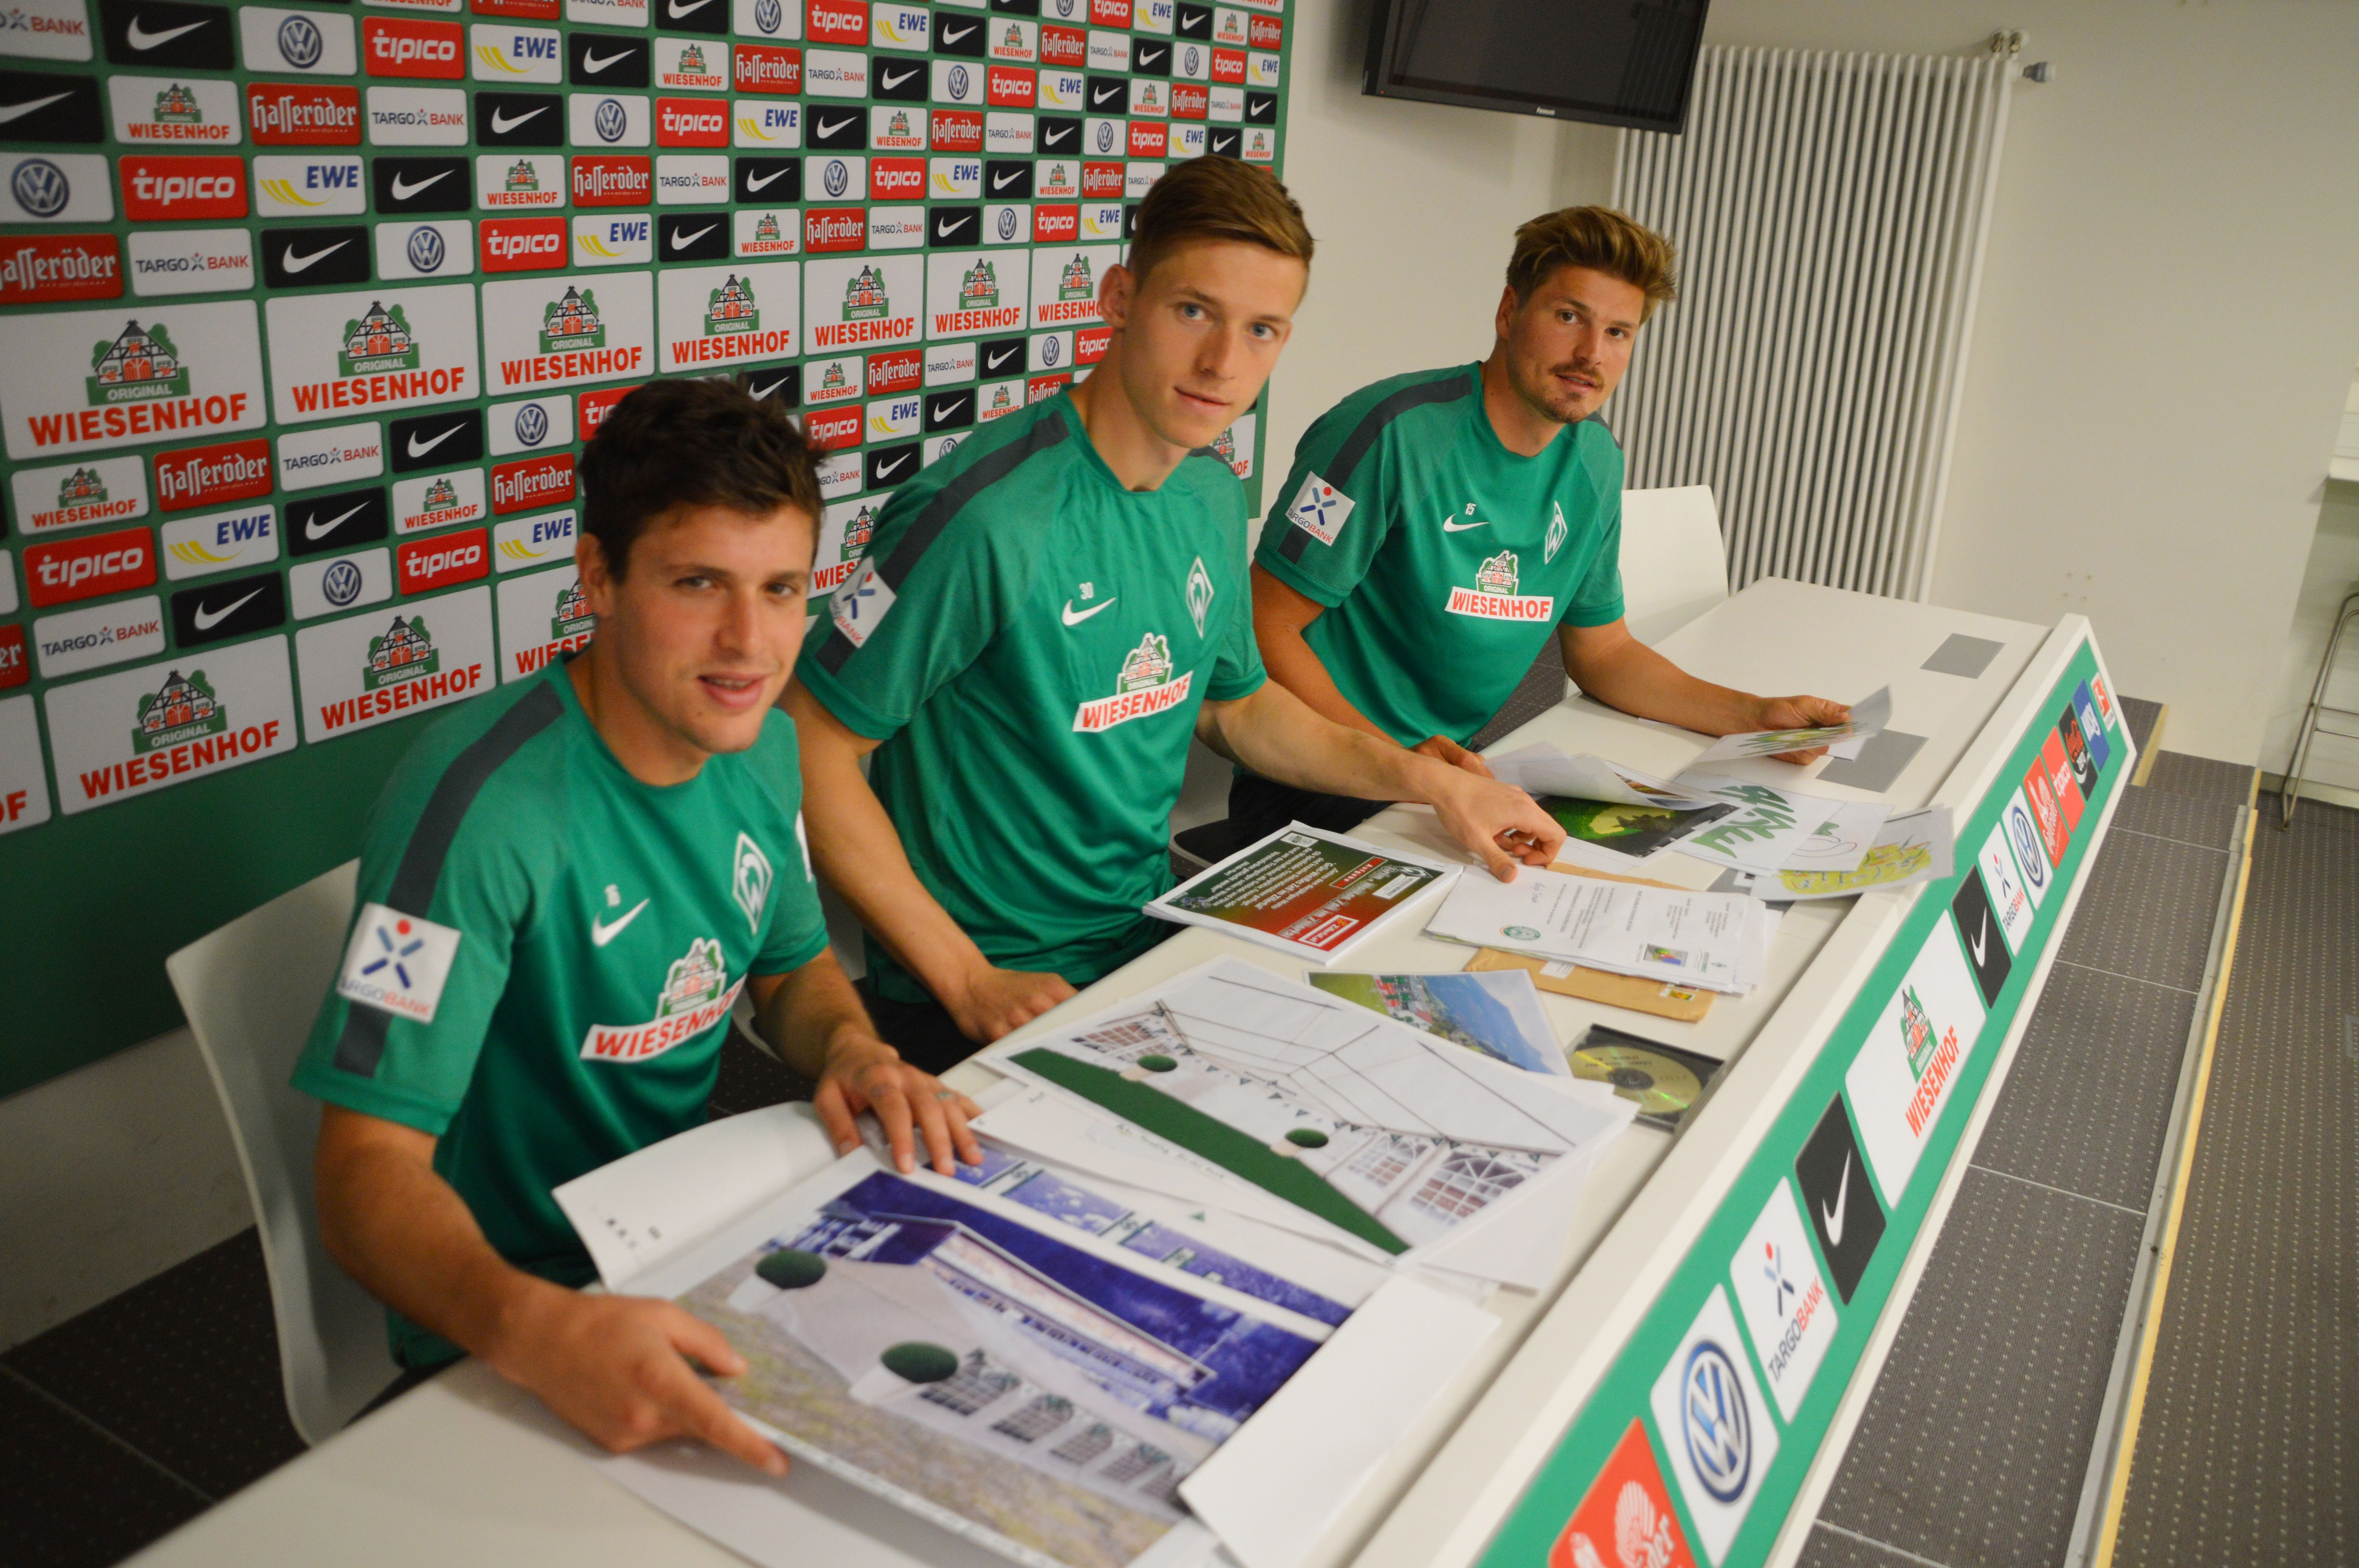 08 Österreicher von Werder Zlatko Junuzovic - Richard Strebinger - Sebastian Prödl bei der Auswahl